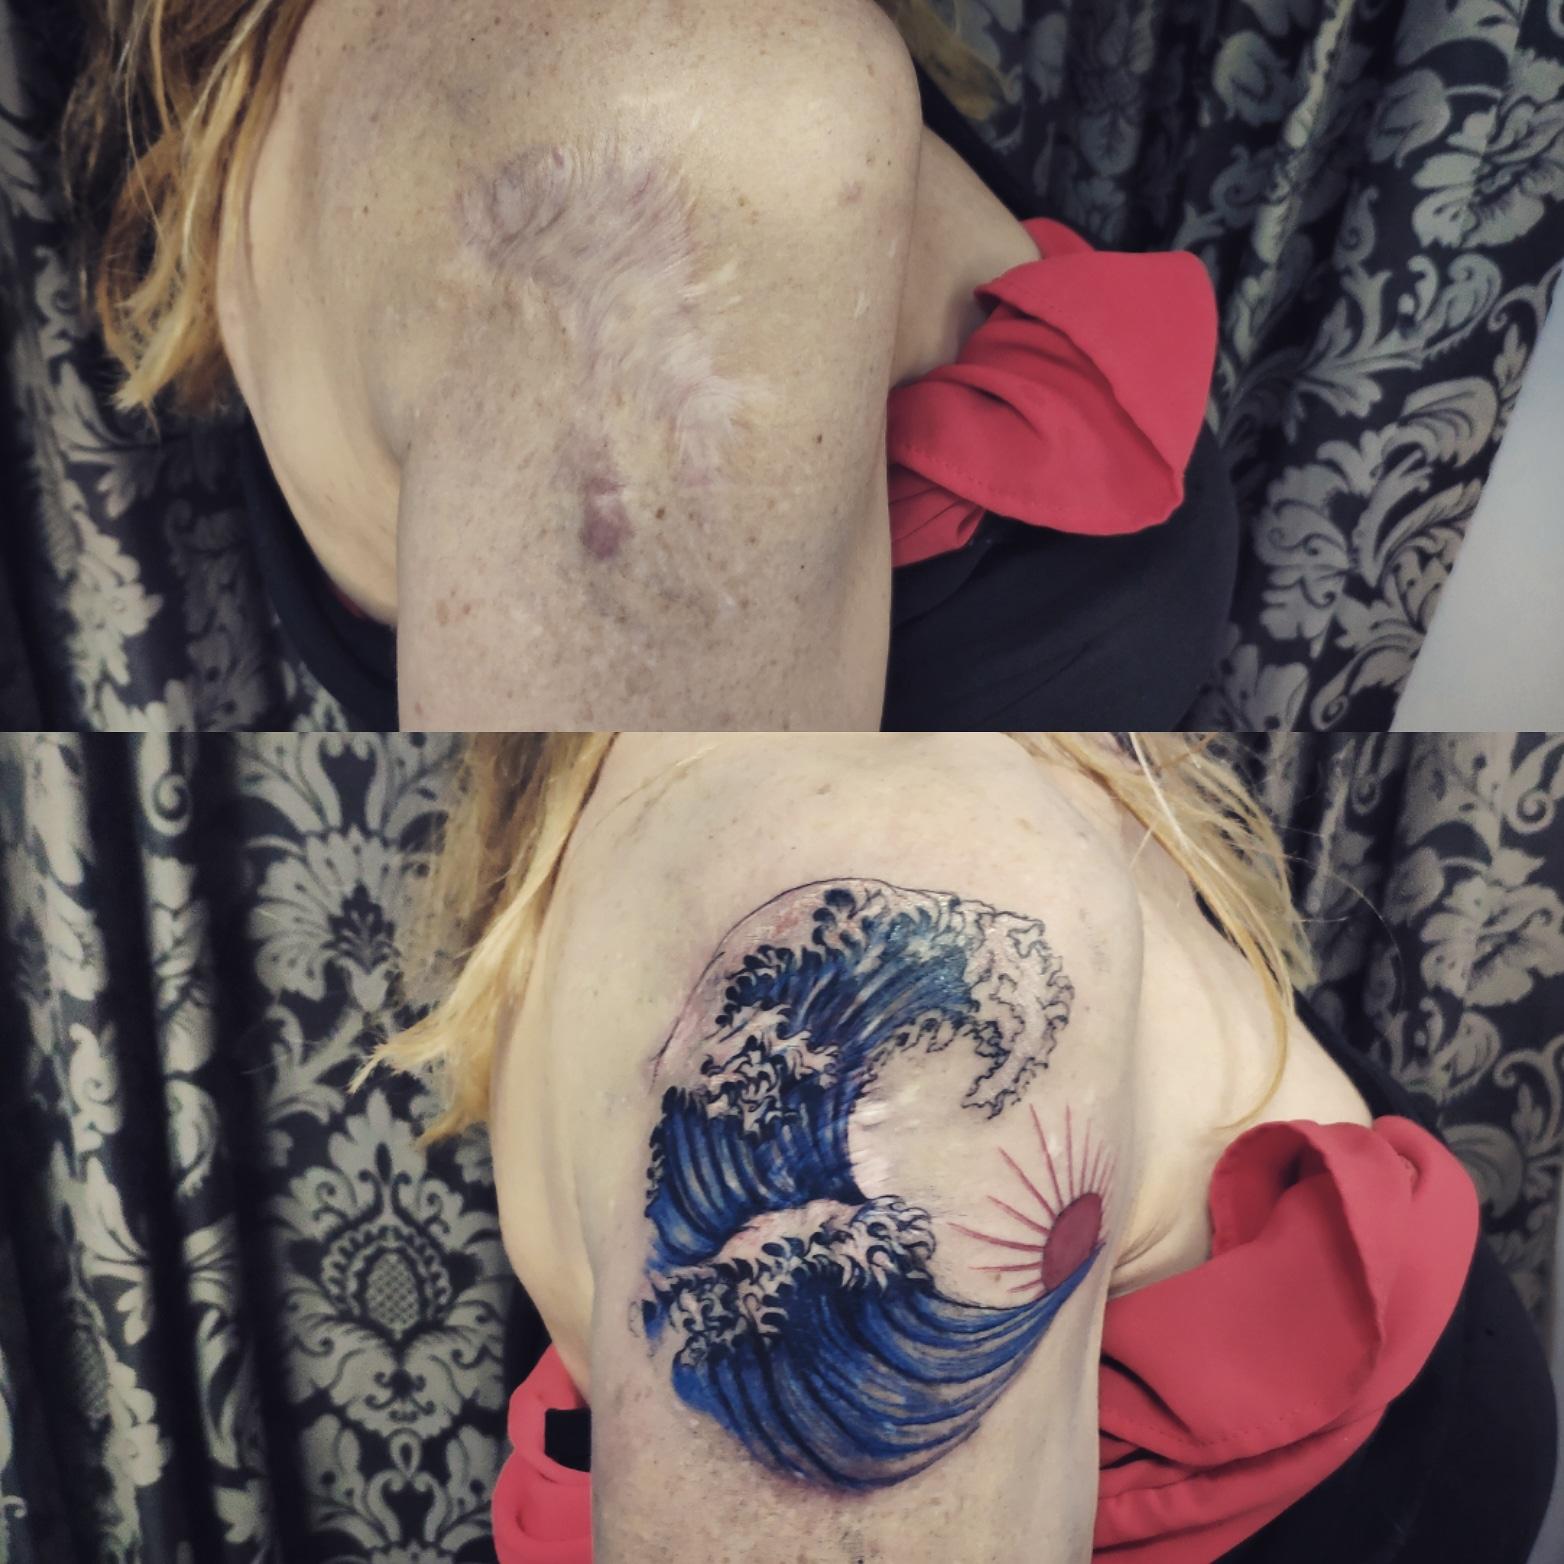 Cicatriz, tatuaje oncologico, Tatuaje médico-estético, operación cicatriz, micropigmentación, tattoo madrid, tratamiento cicatrices madrid, pigmentación Paramédica, pigmentación, camuflaje cicatrices, estrías, queloide, quemaduras